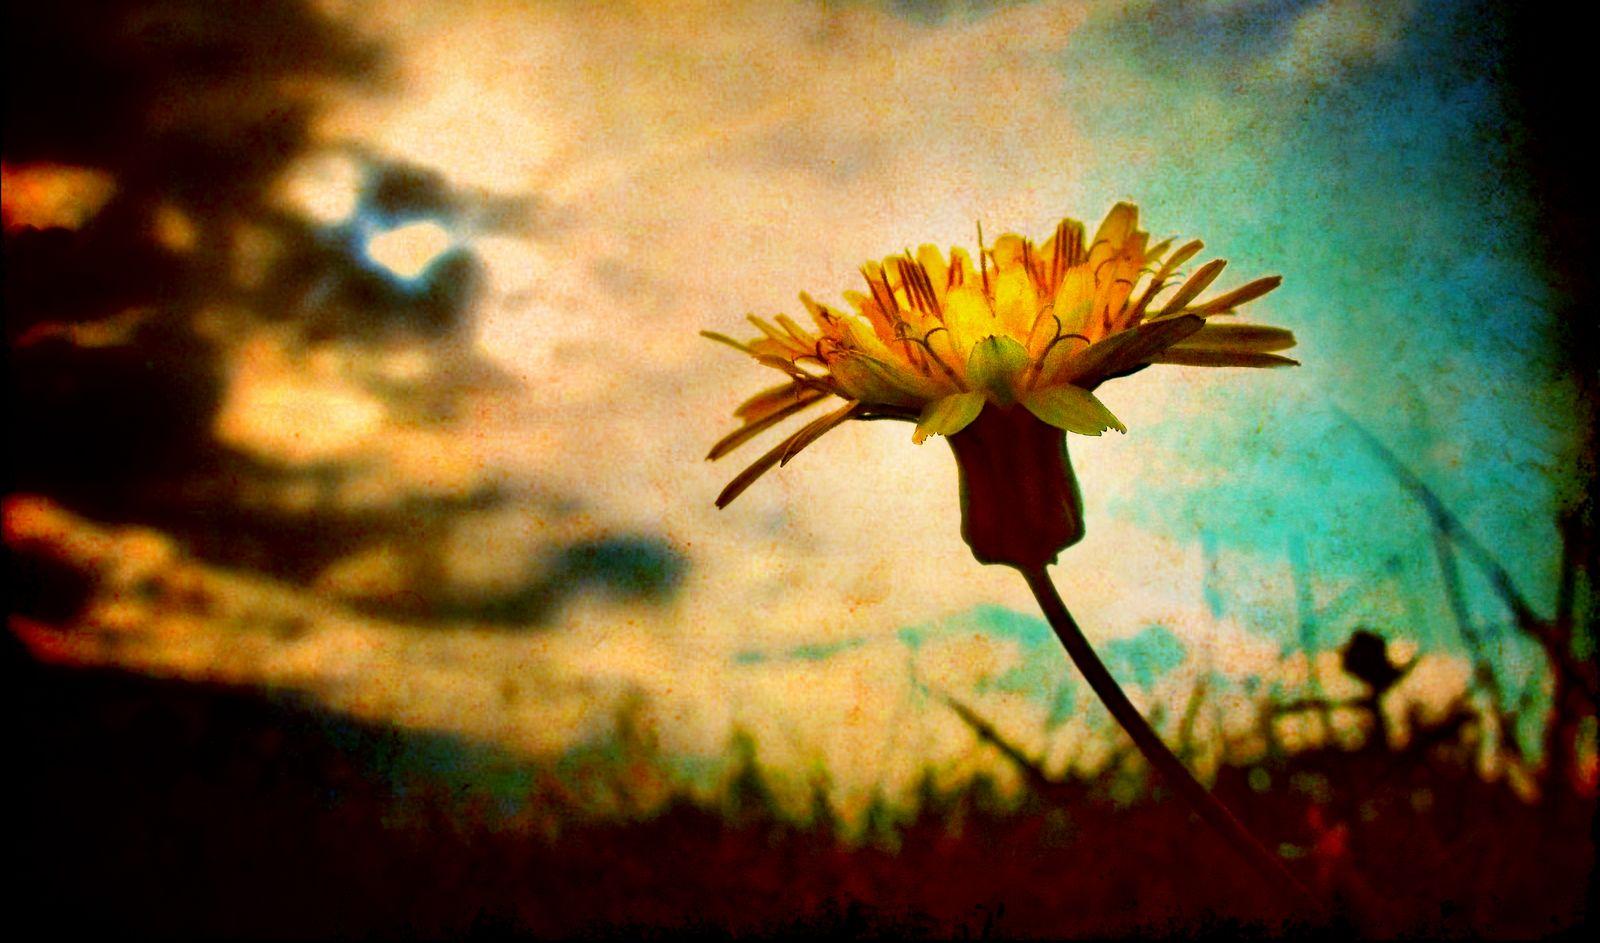 Cómo la Resistencia contra la Humildad produce Personalidades Narcisistas